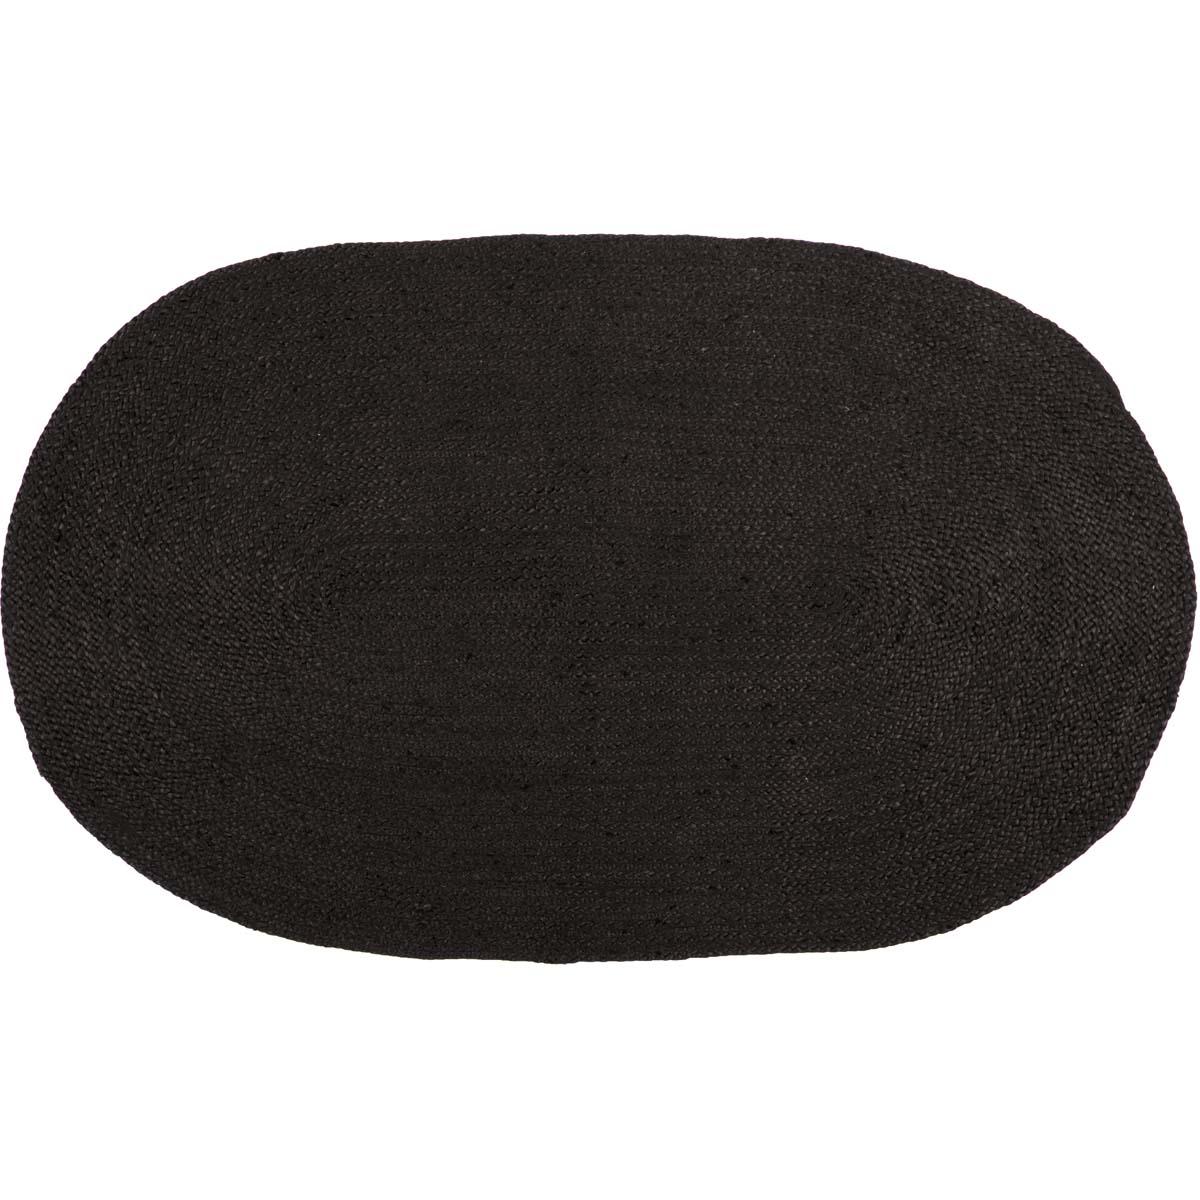 Black Primitive Flooring VHC Black Jute Rug Jute Solid